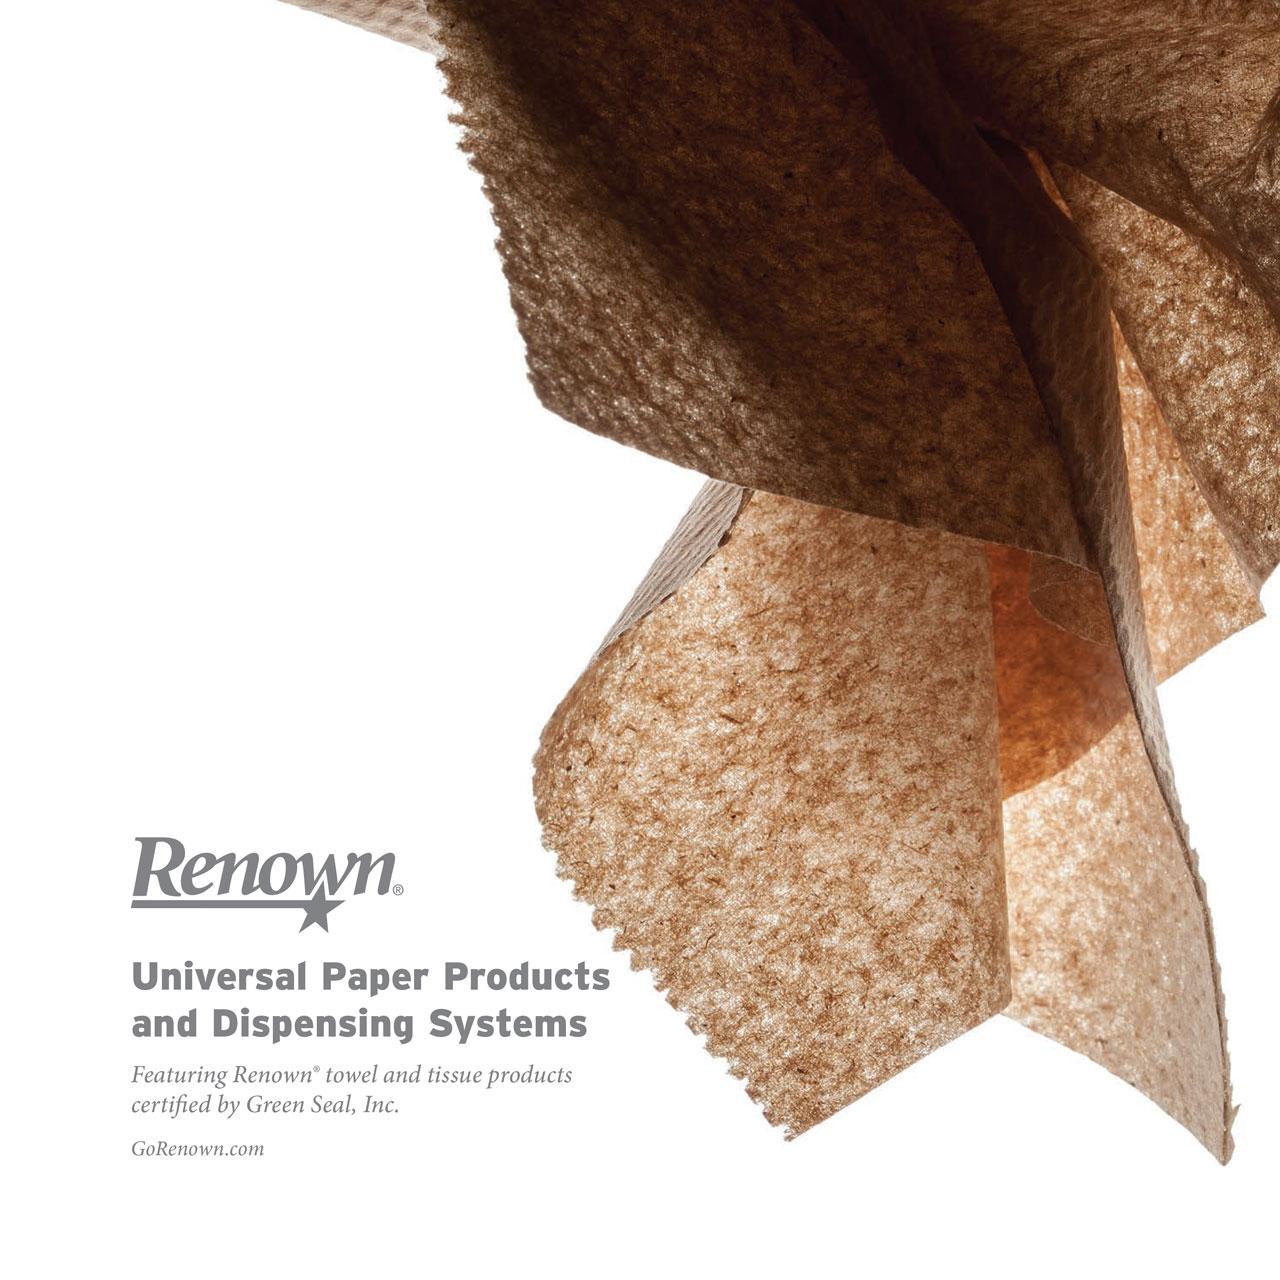 REN-UNV-10x10-(LR)-1.jpg